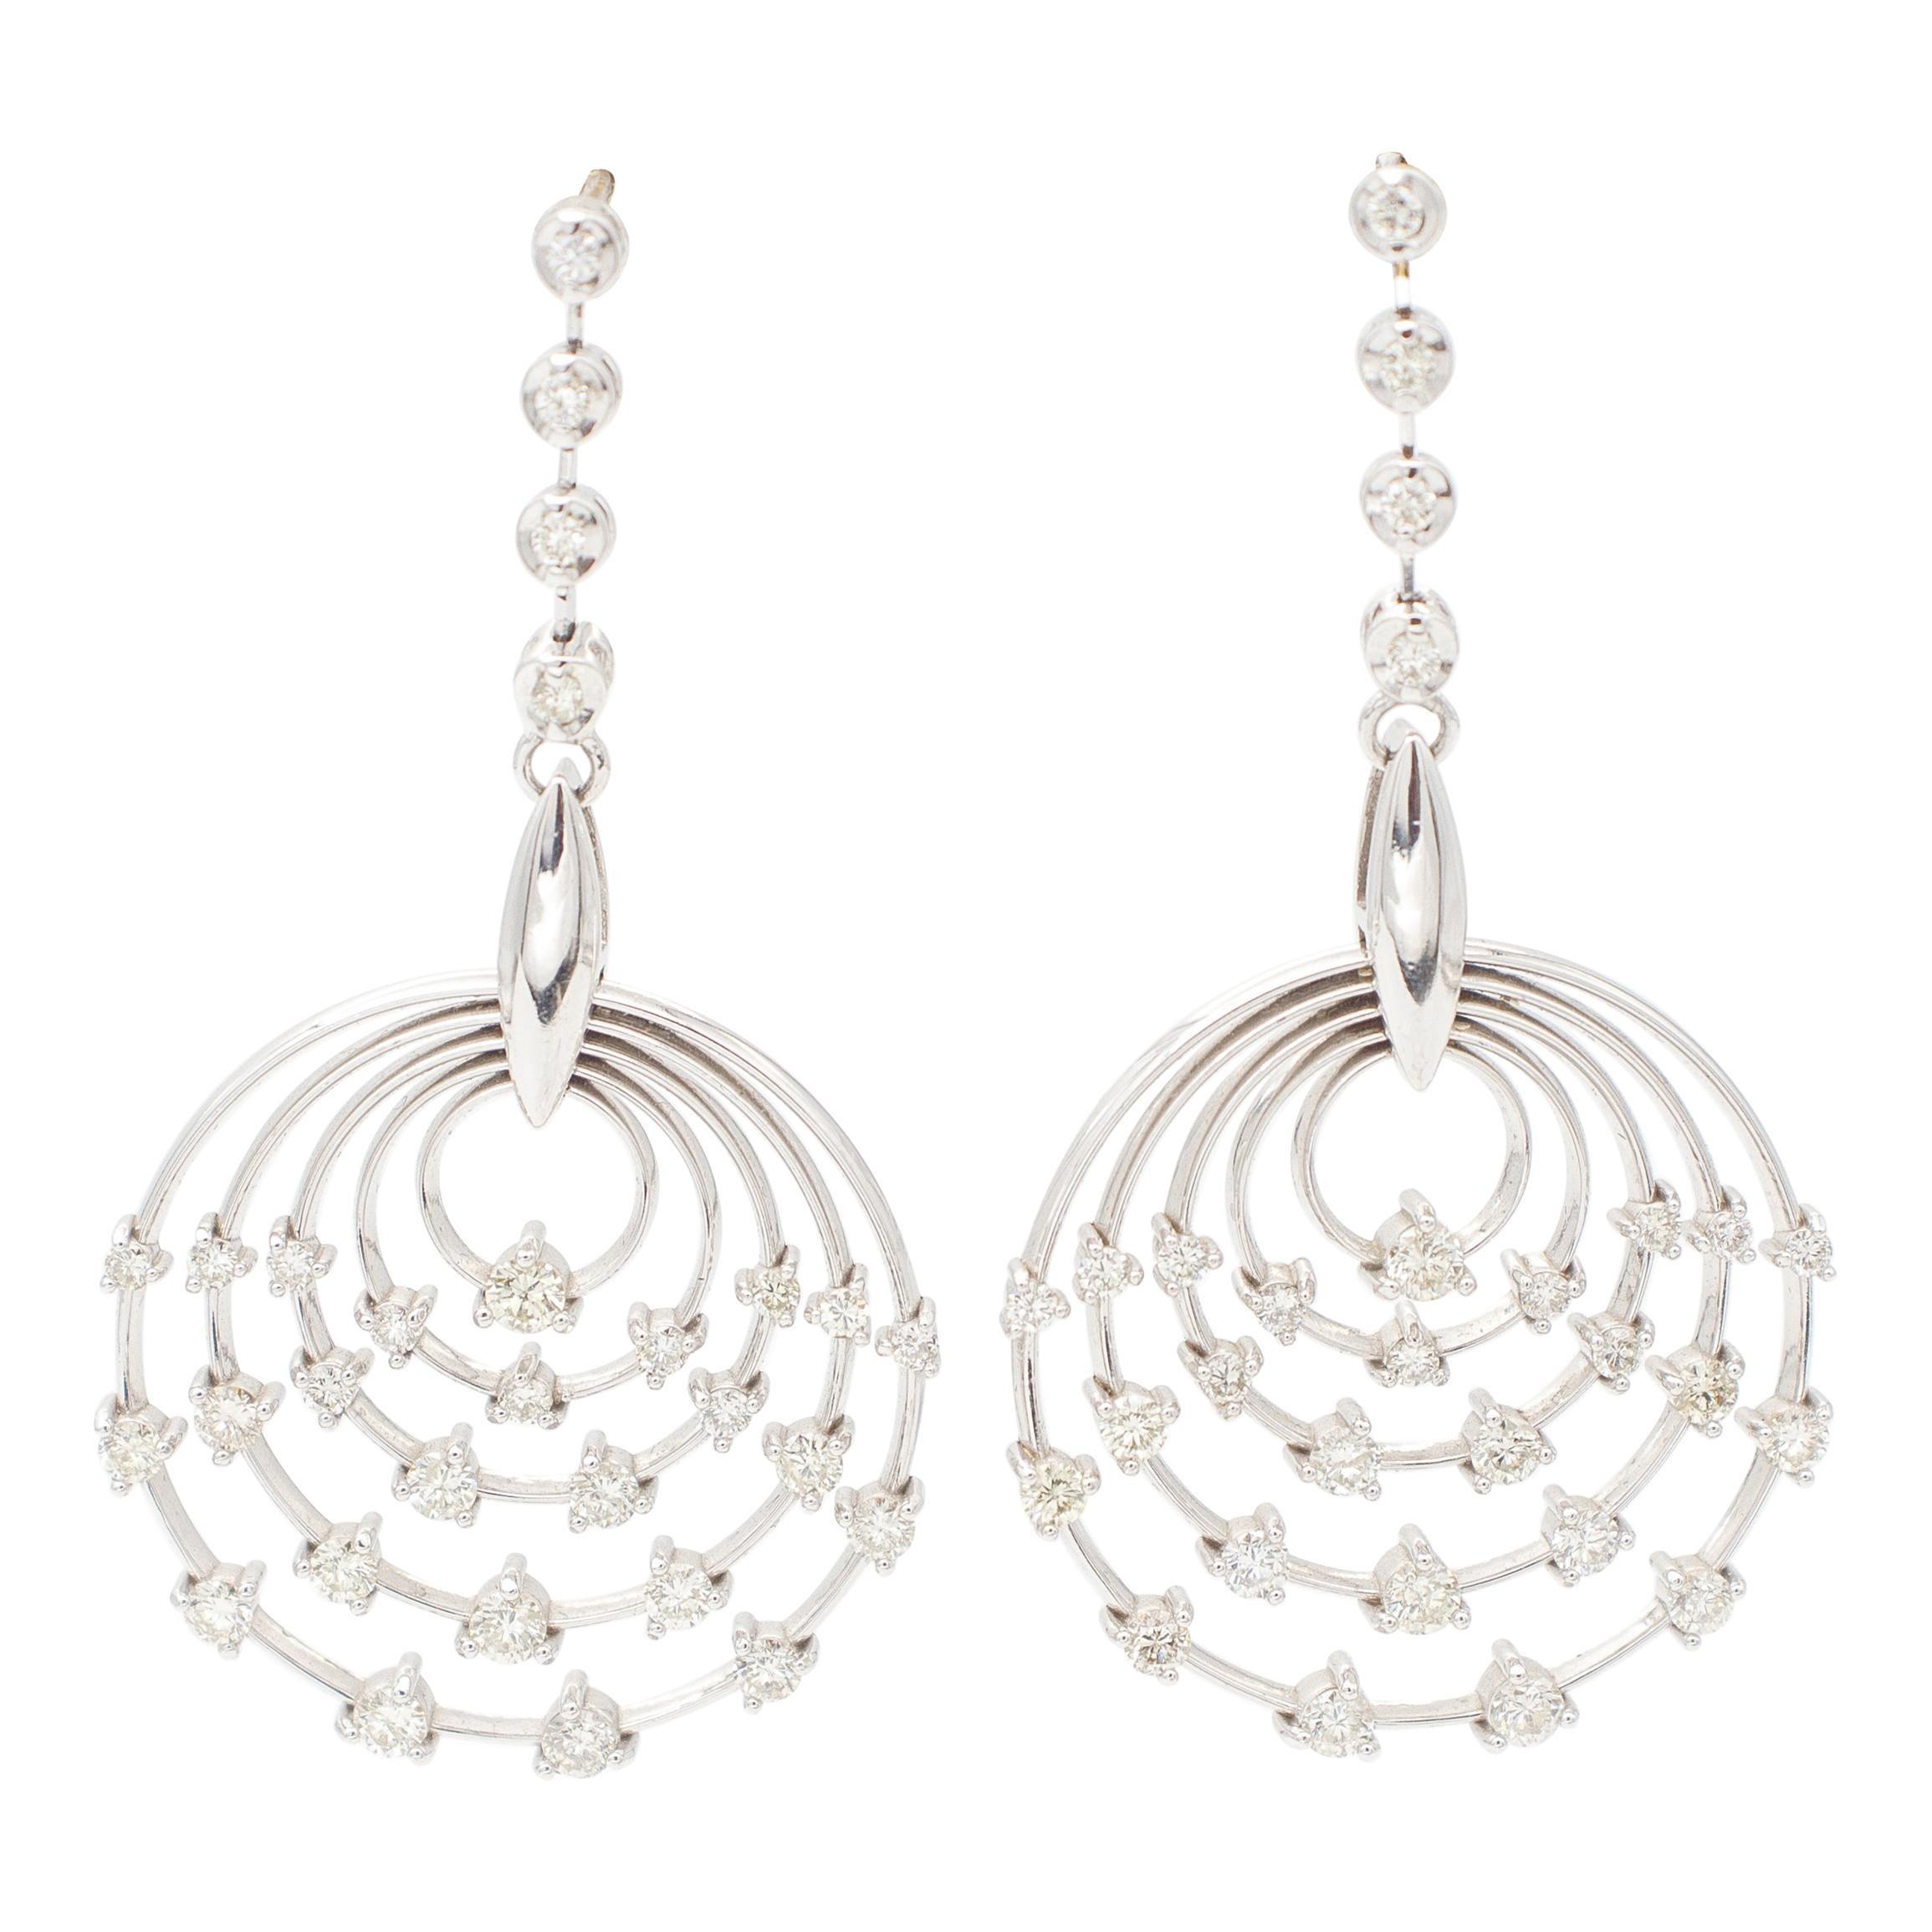 White Diamonds, 18kt White Gold Hoop/Dangle Earrings